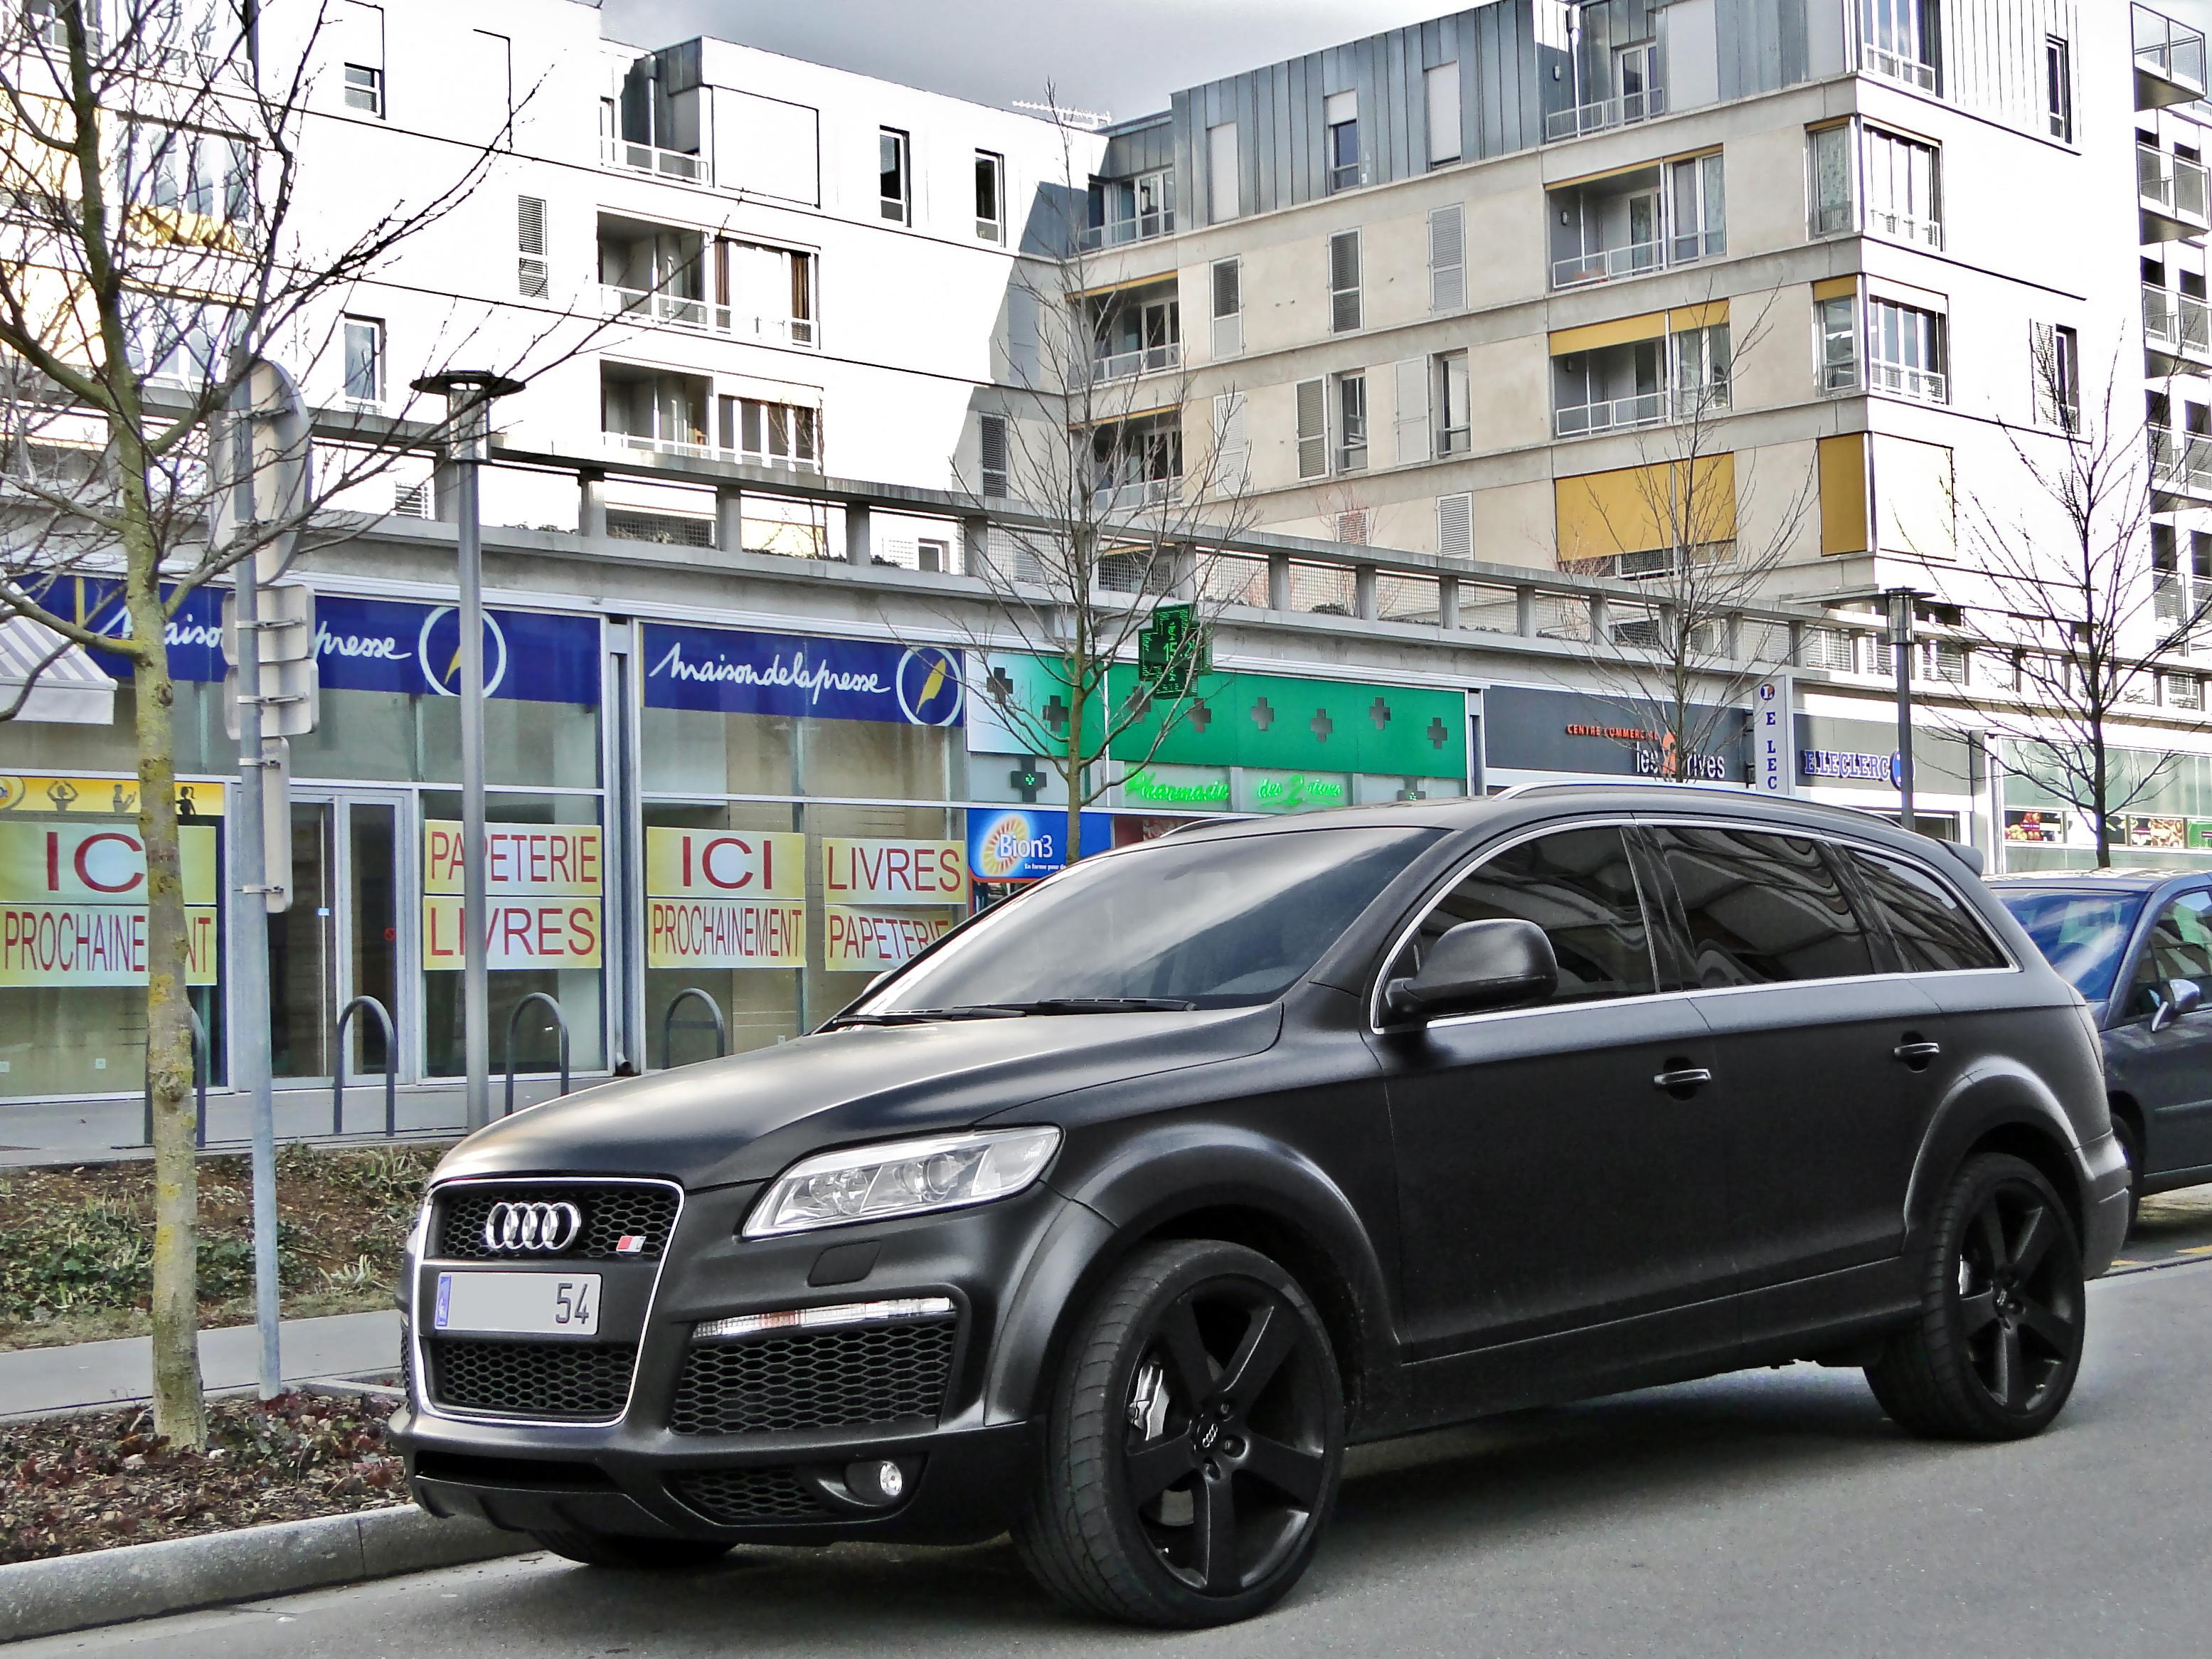 Audi Q7  Wikipedia